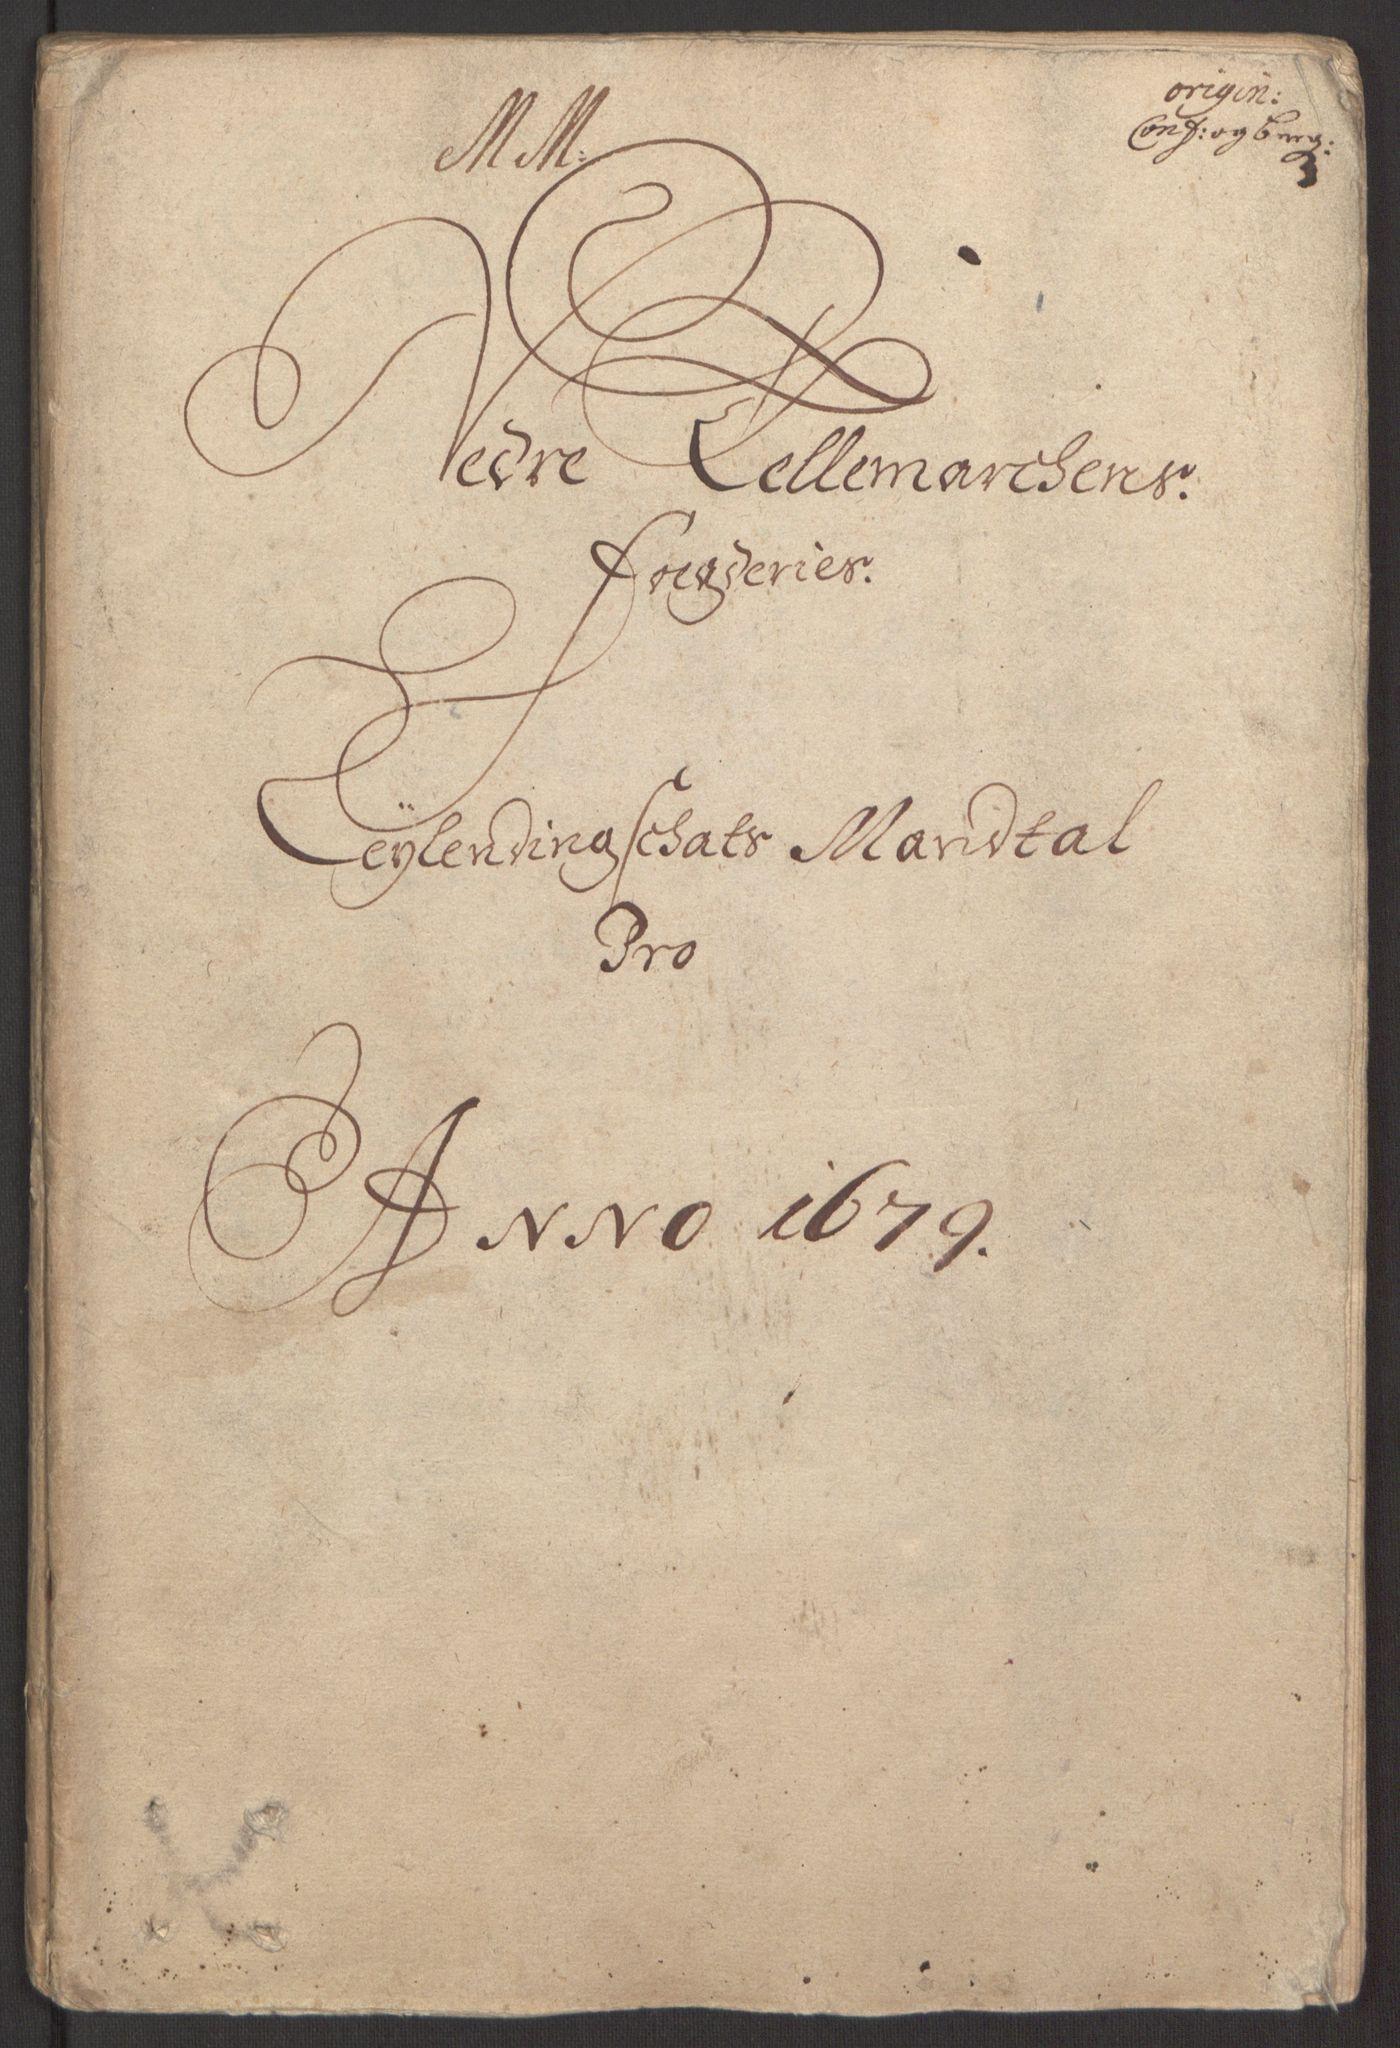 RA, Rentekammeret inntil 1814, Reviderte regnskaper, Fogderegnskap, R35/L2072: Fogderegnskap Øvre og Nedre Telemark, 1679, s. 33